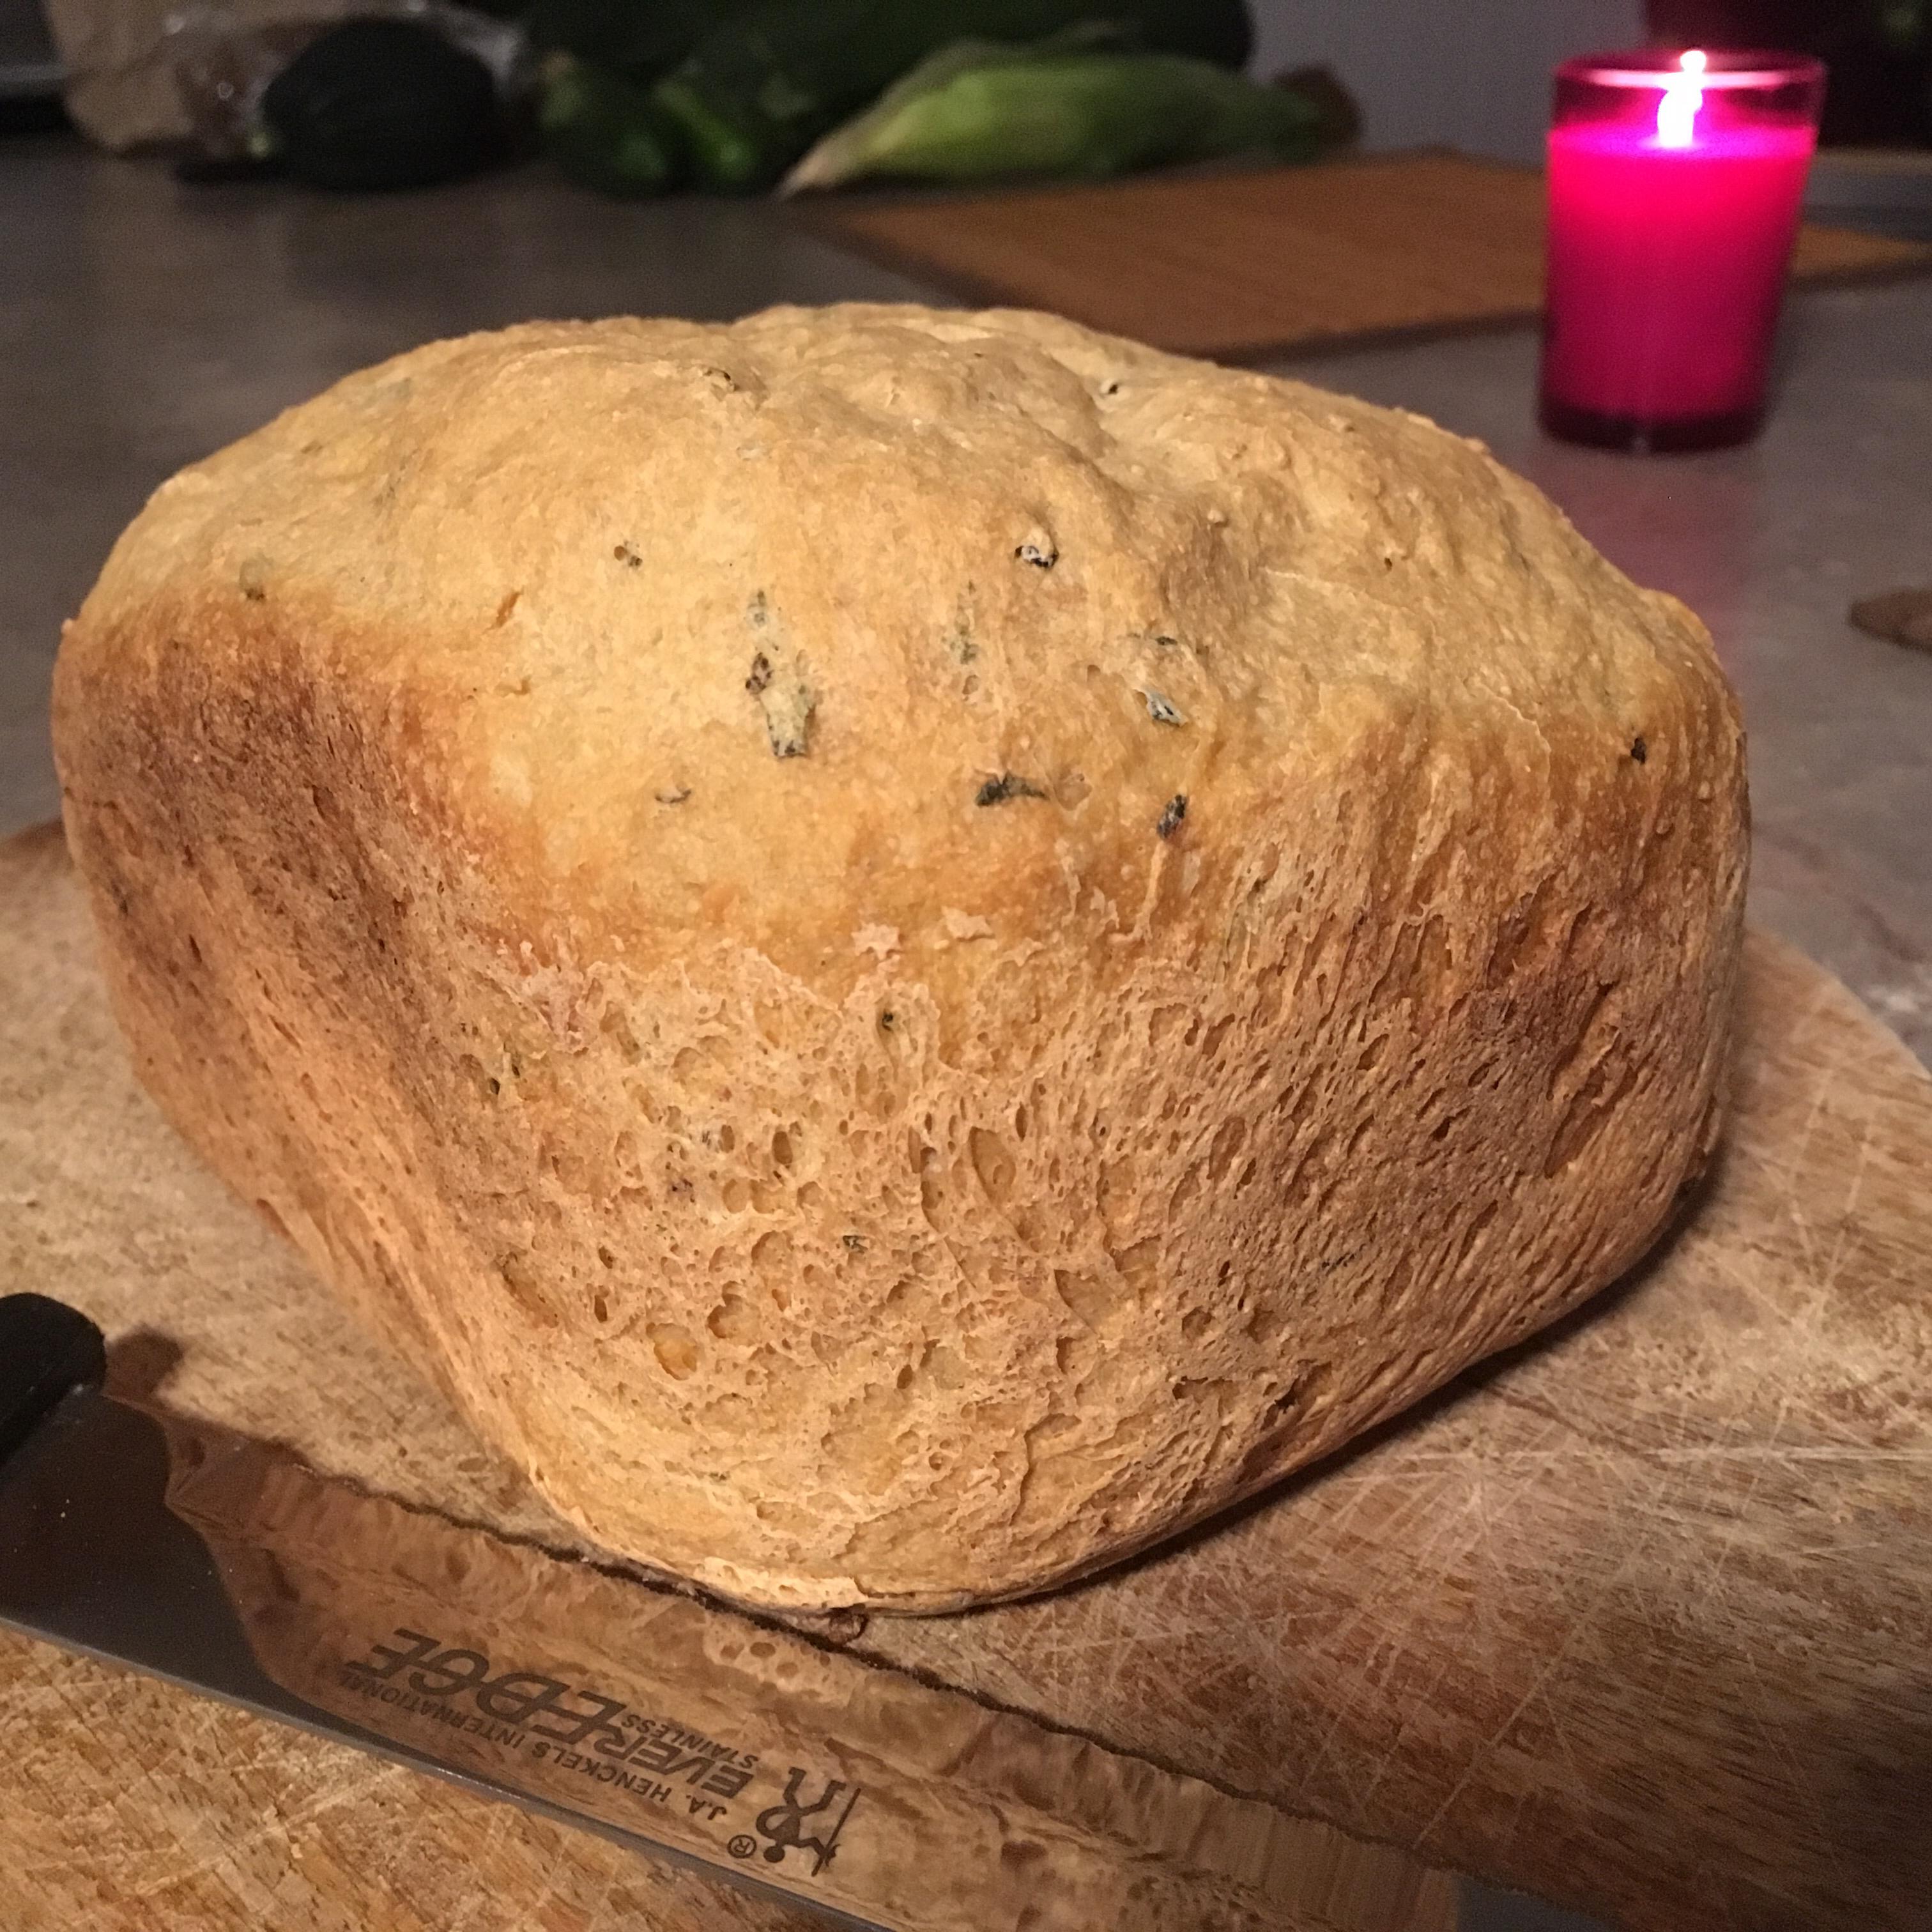 Whole Wheat Zucchini Herb Bread sgallina81